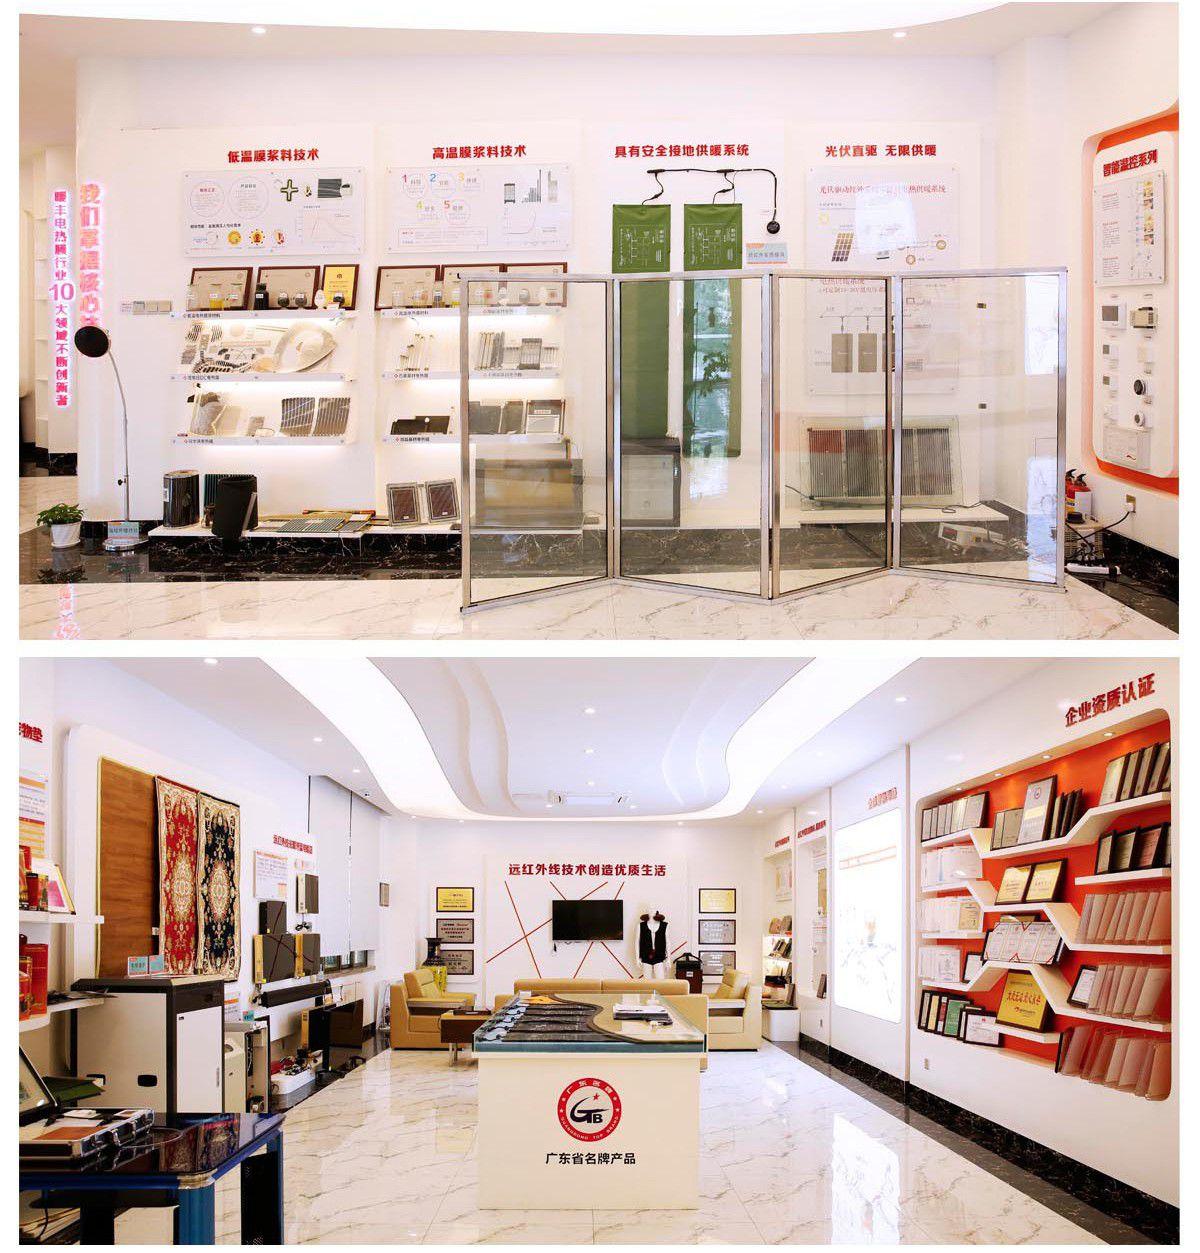 电热膜产品展厅